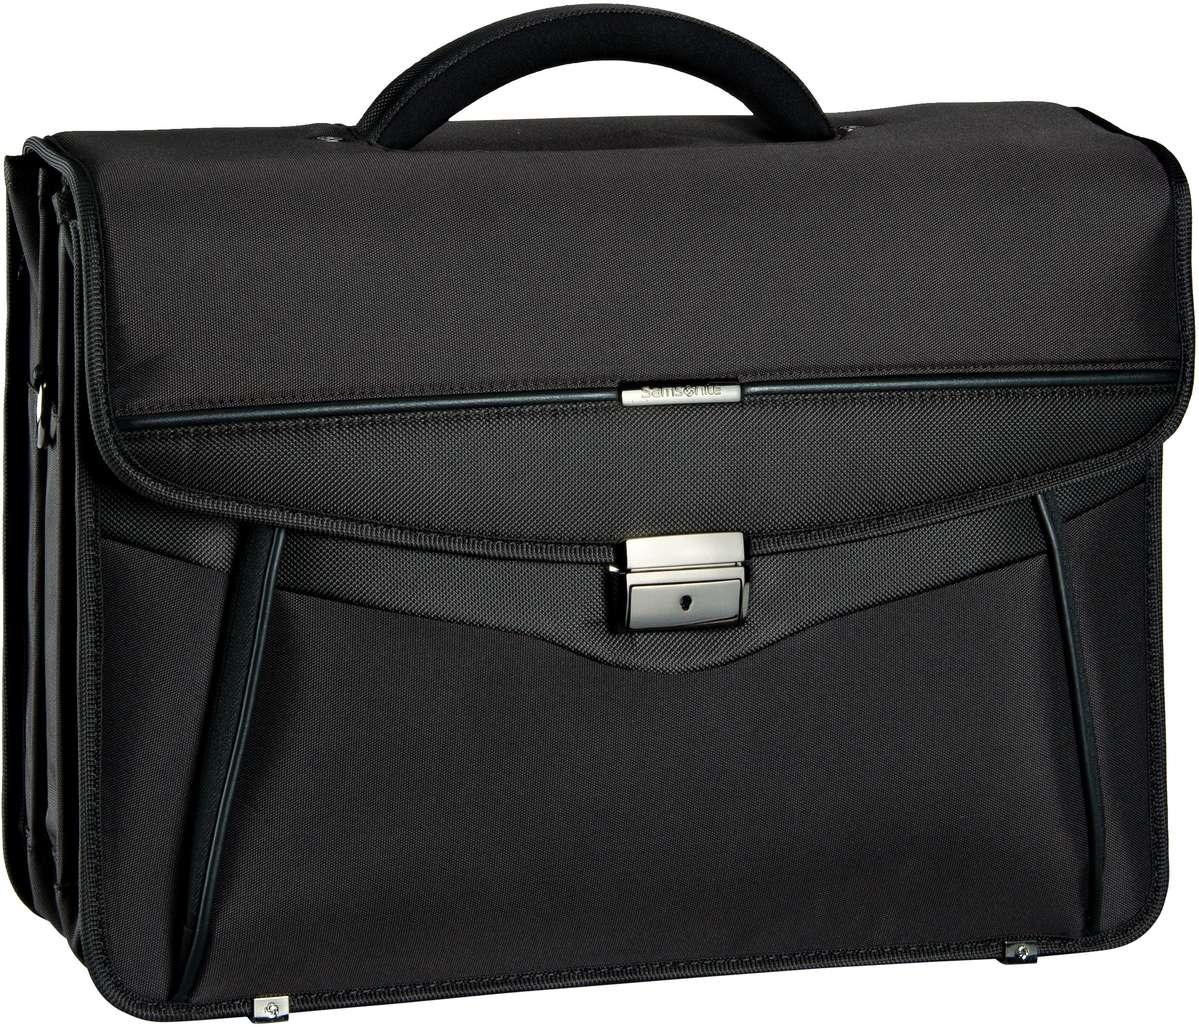 Desklite Briefcase 3 Gussets 15.6'' Black